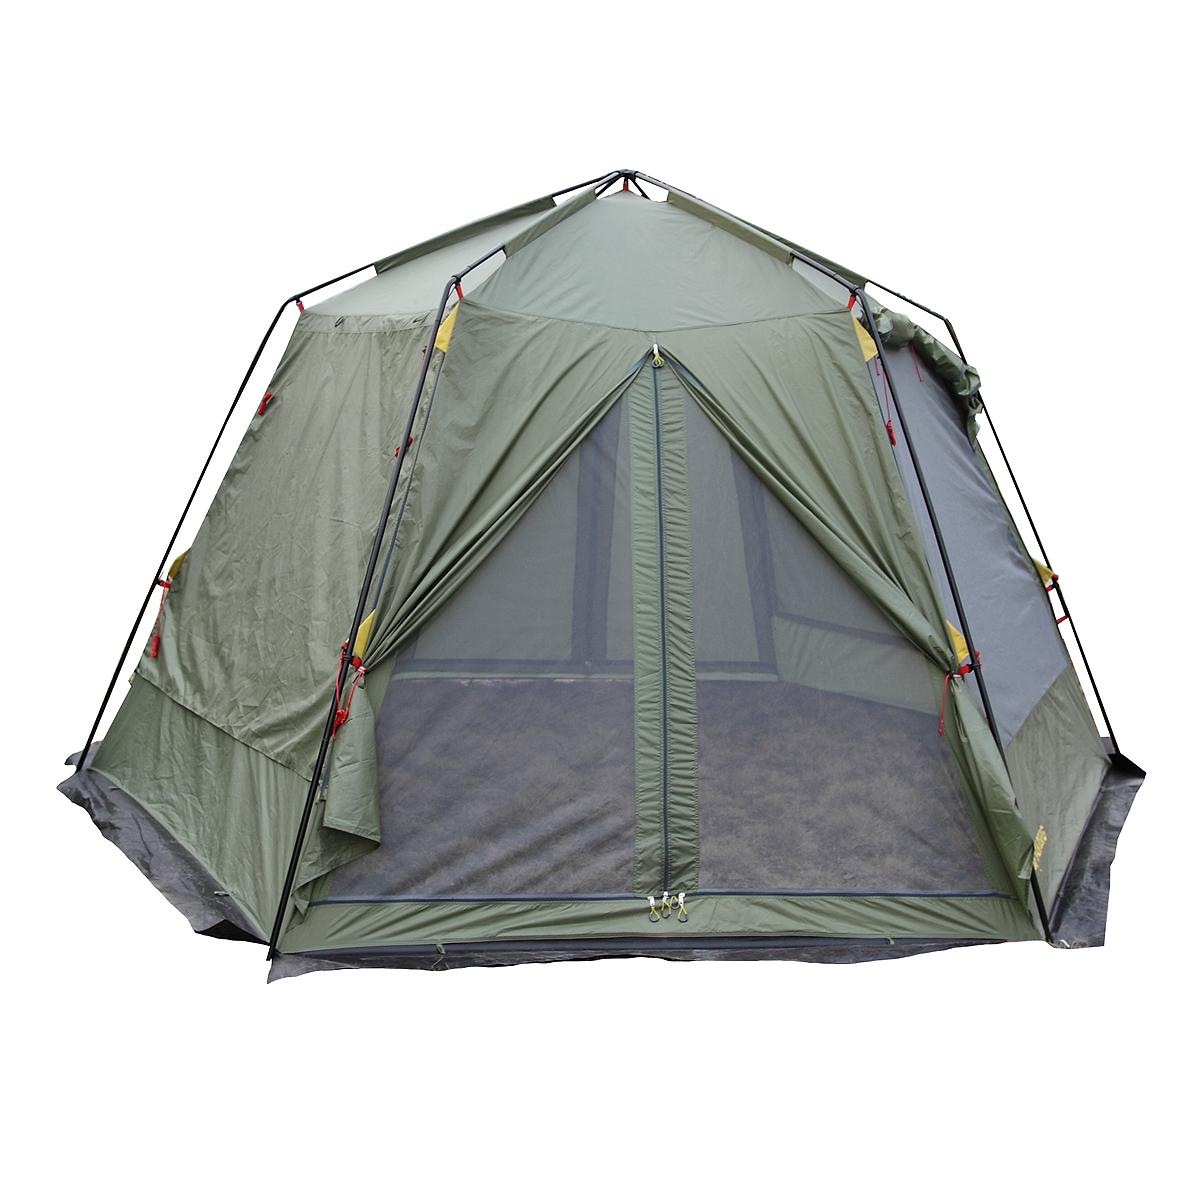 Шатер Talberg Arbour, цвет: зеленыйУТ-000046501Большой каркасный шатер Talberg Arbour без дна. Предназначен для размещения кухни или столовой в палаточном городке, где отдыхает много народу. Тент выполнен из прочного водоустойчивого полиэстера. Шатер имеет 2 входа с двух противоположных сторон и ветрозащитную юбку. Окна выполнены из москитной сетки и со всех сторон снаружи закрываются тканевыми занавесками на липучках из водонепроницаемой ткани. Занавески скручиваются вверх. Штормовые оттяжки есть в верху боковых стенок и посередине. Характеристики: Размер шатра в разложенном виде (ДхШхВ): 420 см х 370 см х 240 см. Наружный тент: Polyester 190T/75D 5000 мм. Каркас: дуги из стали диаметром 19 мм. Вес: 10 кг.